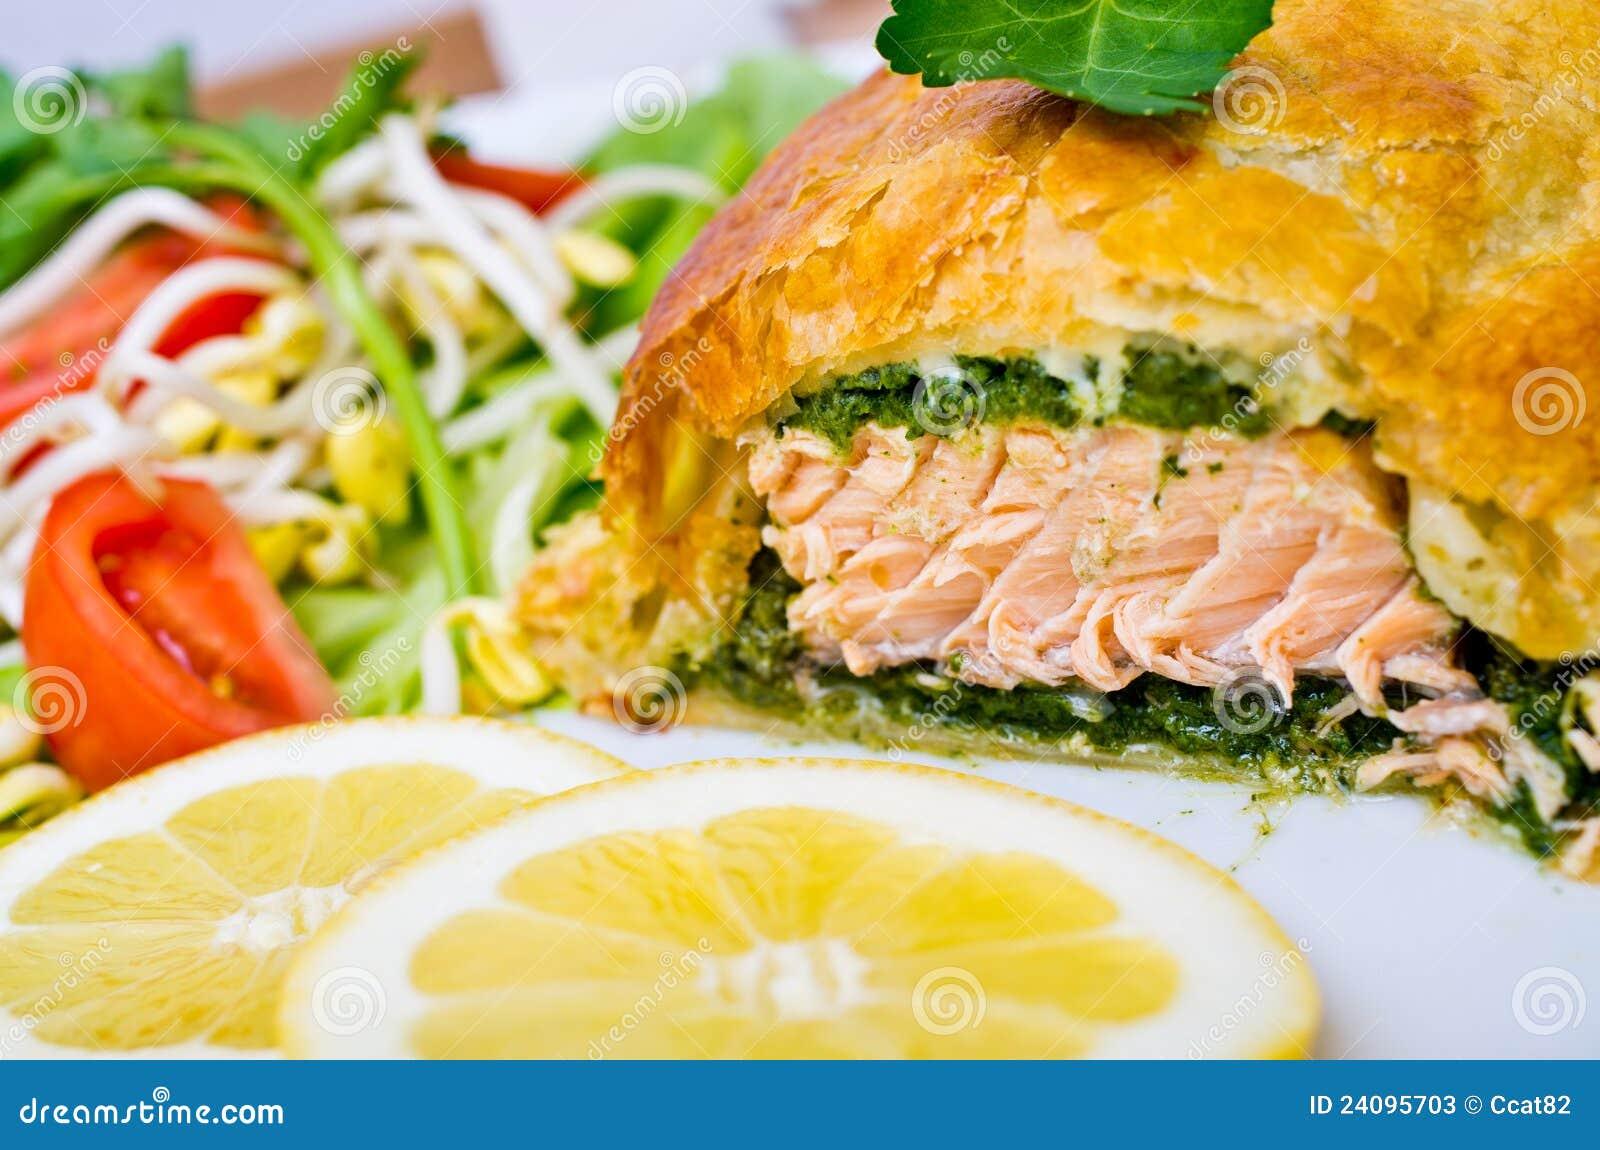 Saumons en pâte feuilletée